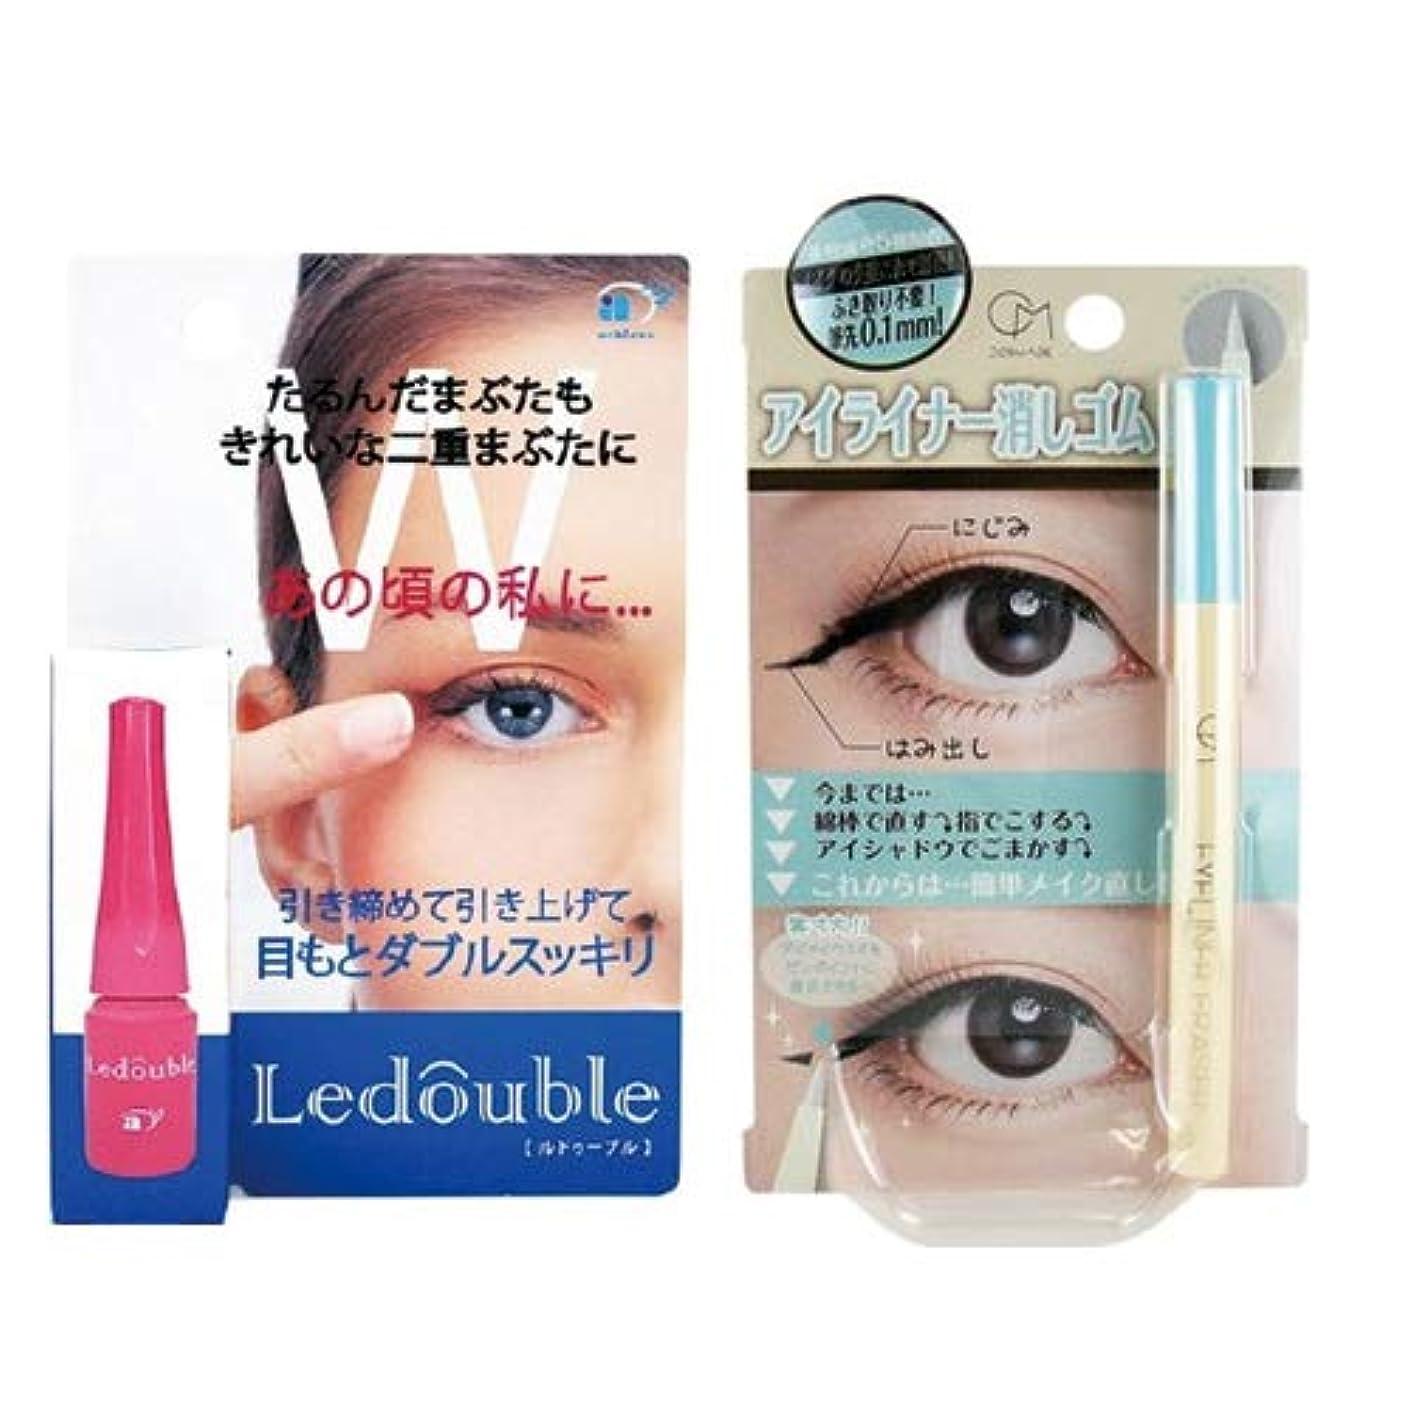 統治可能特徴かりて二重まぶた化粧品 大人のLedouble [大人のルドゥーブル] (2mL)+ COSMAGE(コスマージュ) アイライナー消しゴム (EYELINE ERASER)セット